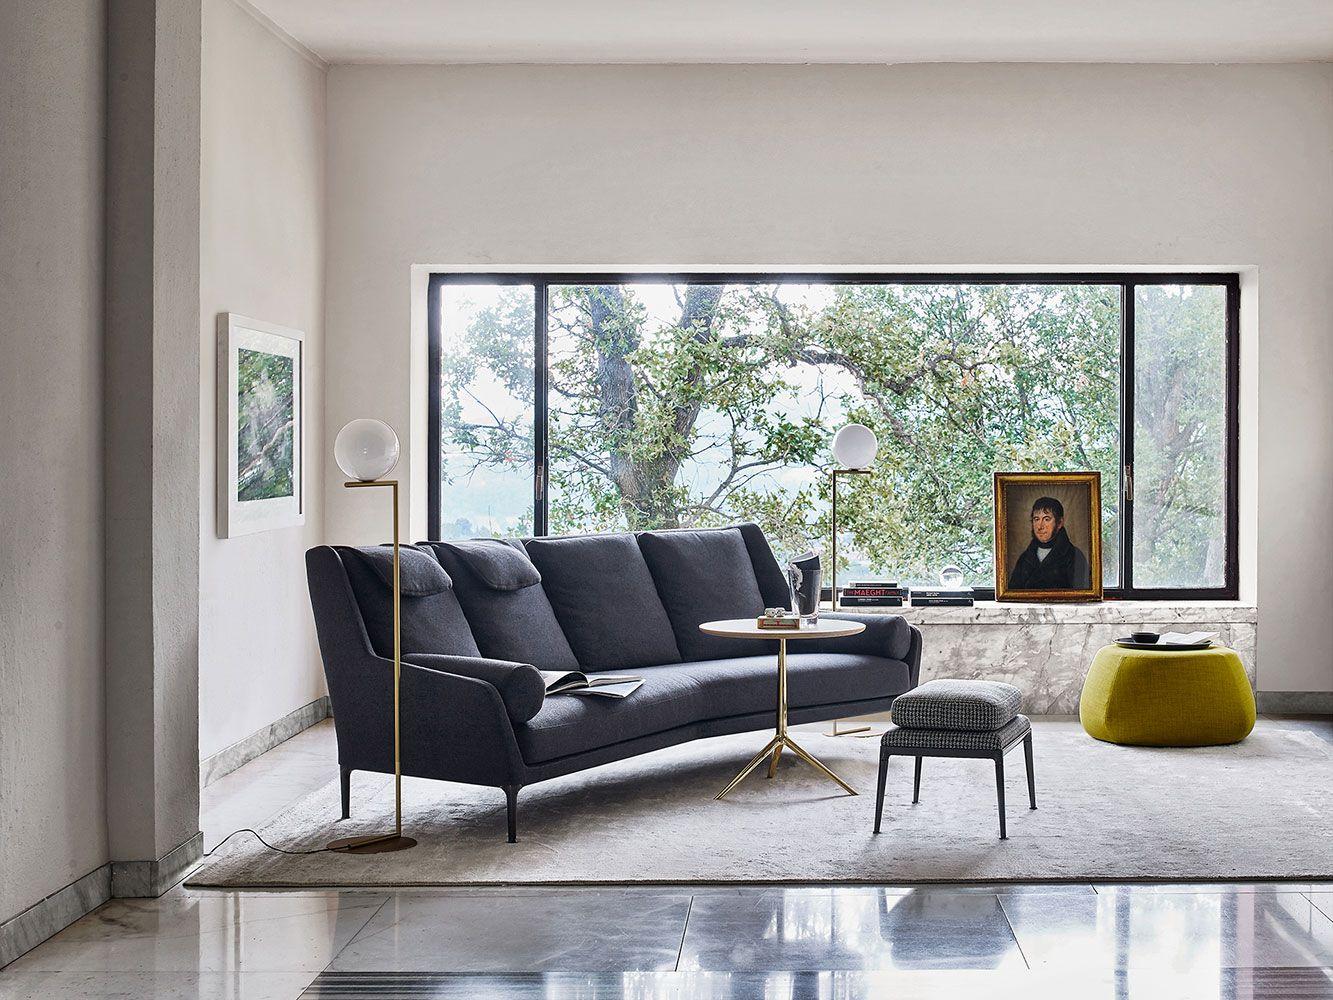 Related image  Luxury furniture design, Interior decorating